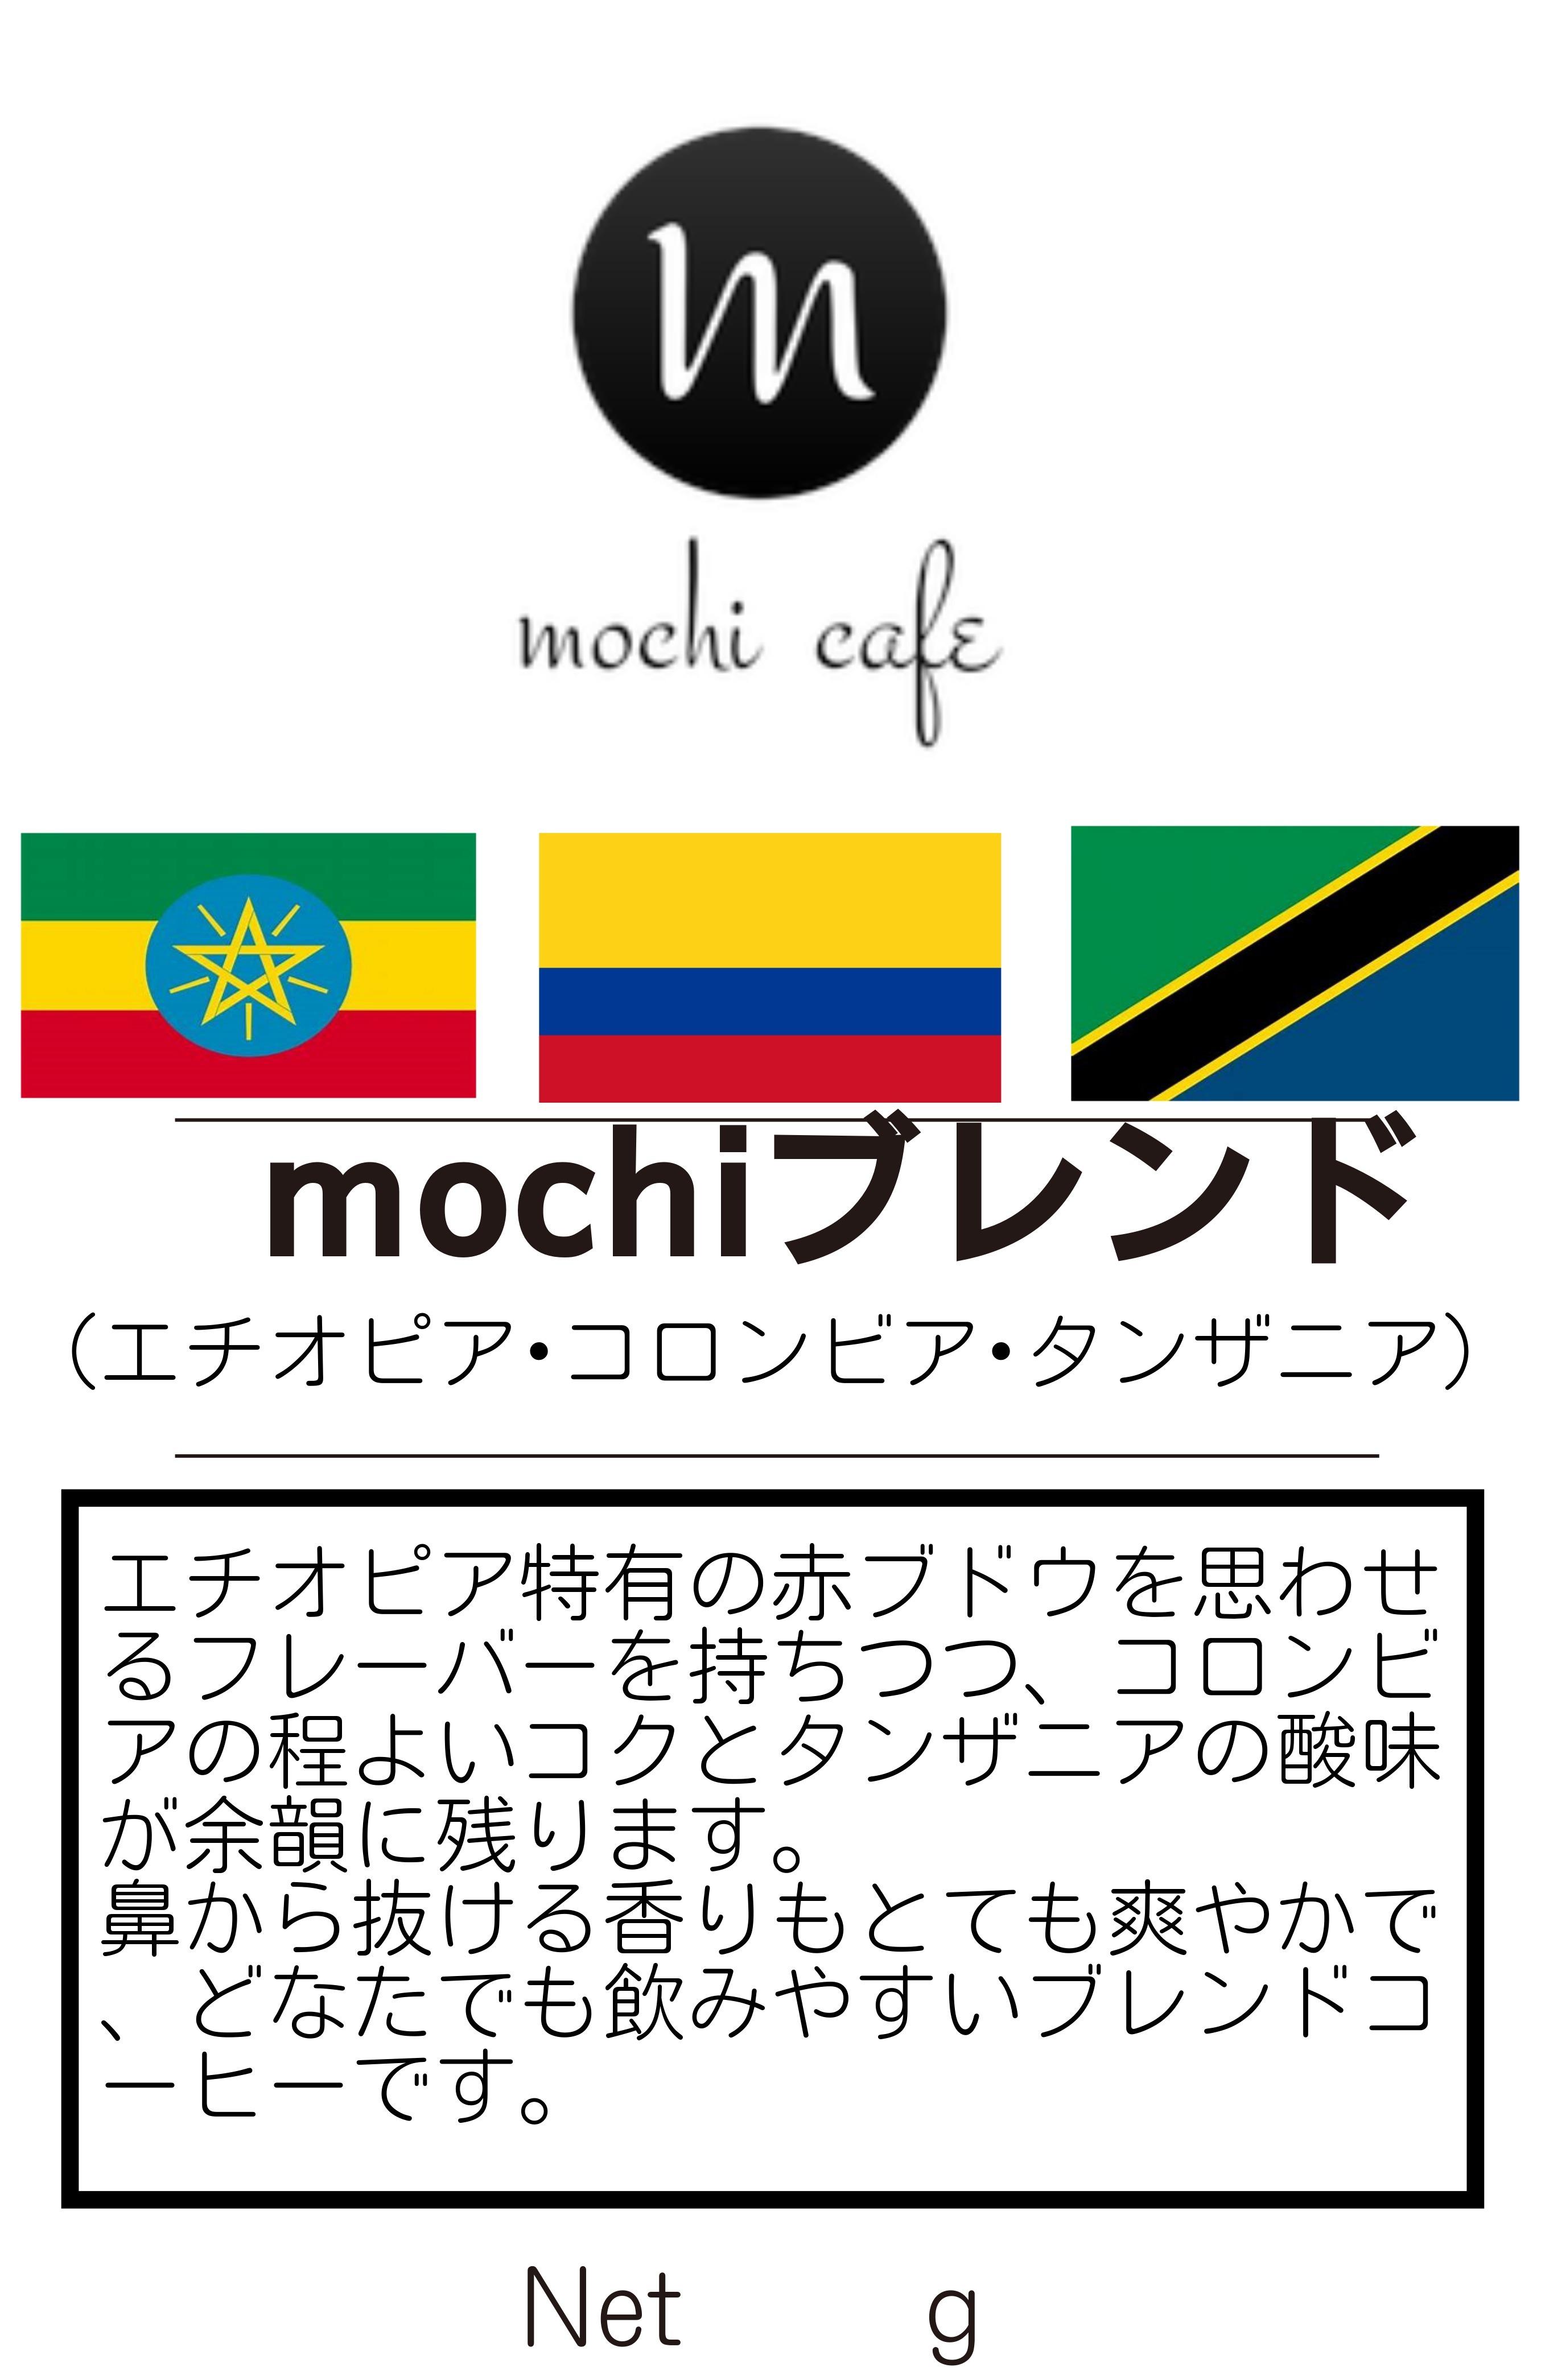 【お買い得♪】mochiブレンド 400g(200g×2)【オススメ!!】